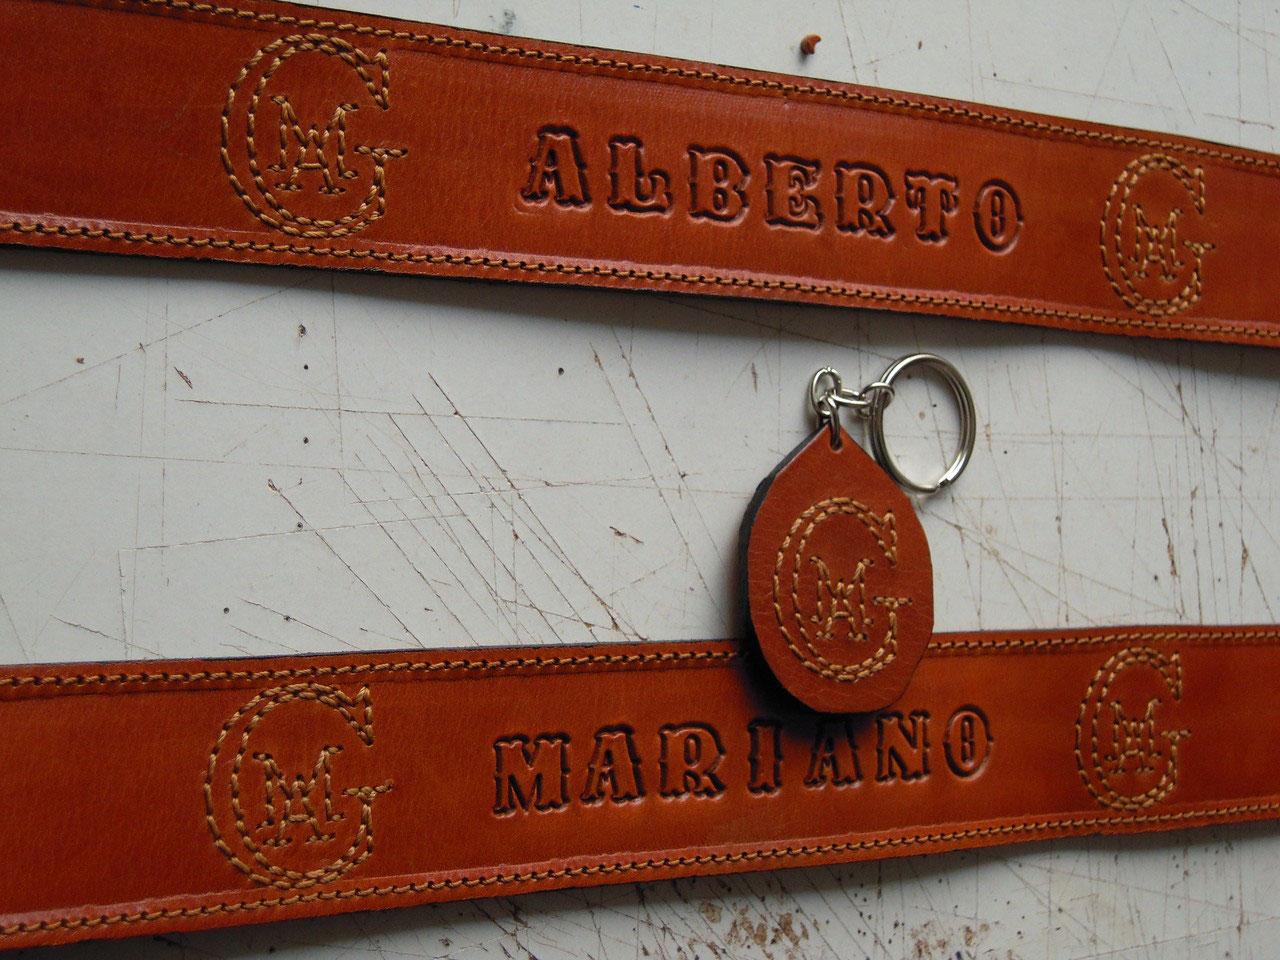 Cinturones - Página web de marroquineriapino ce55c4b42038